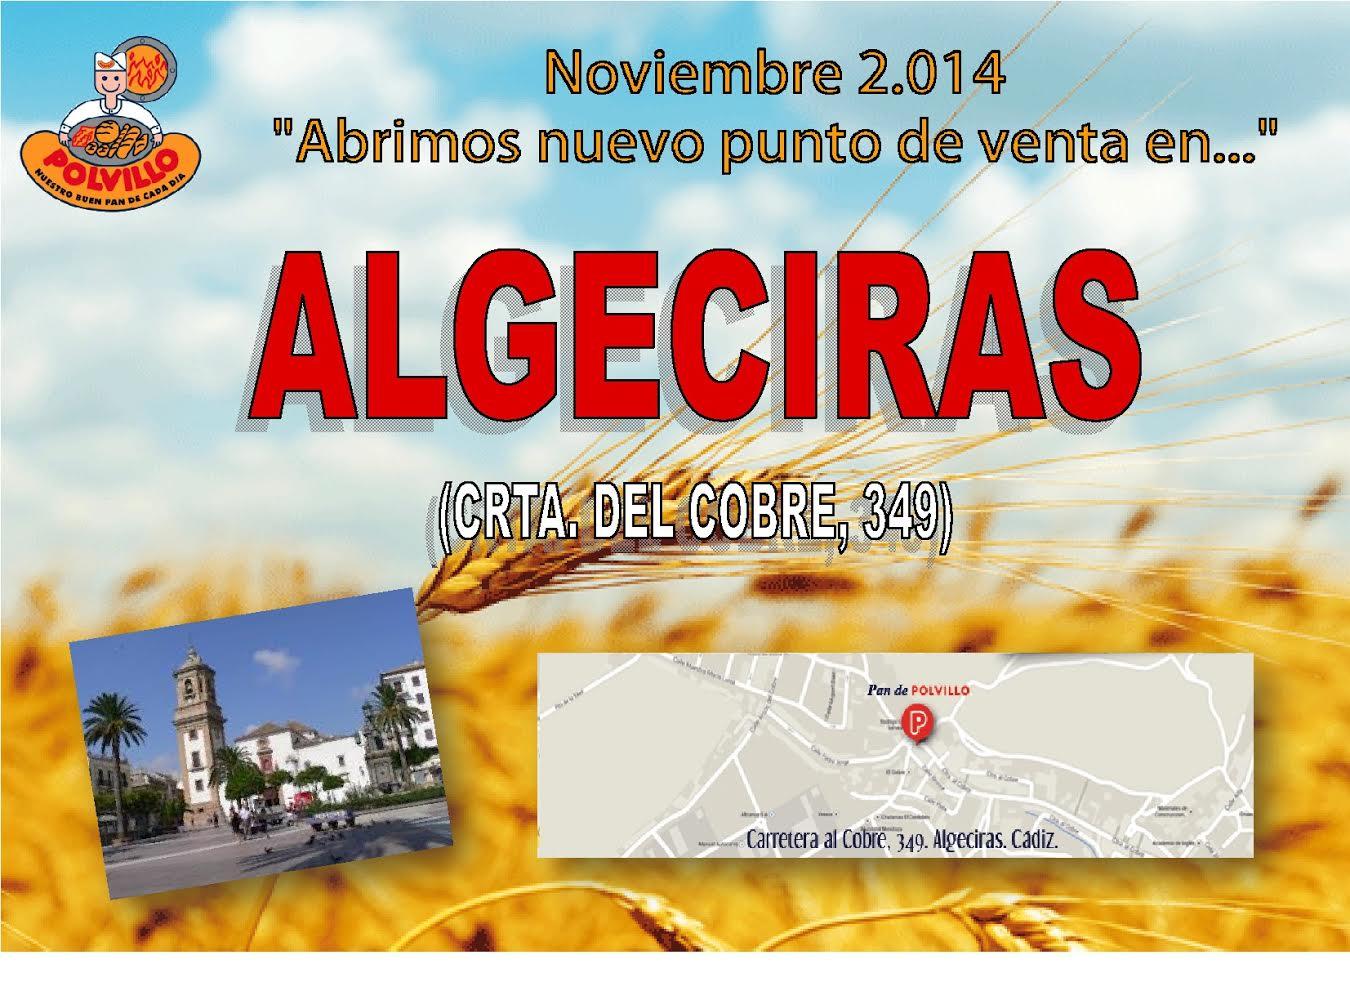 Apertura Algeciras, Carretera del Cobre